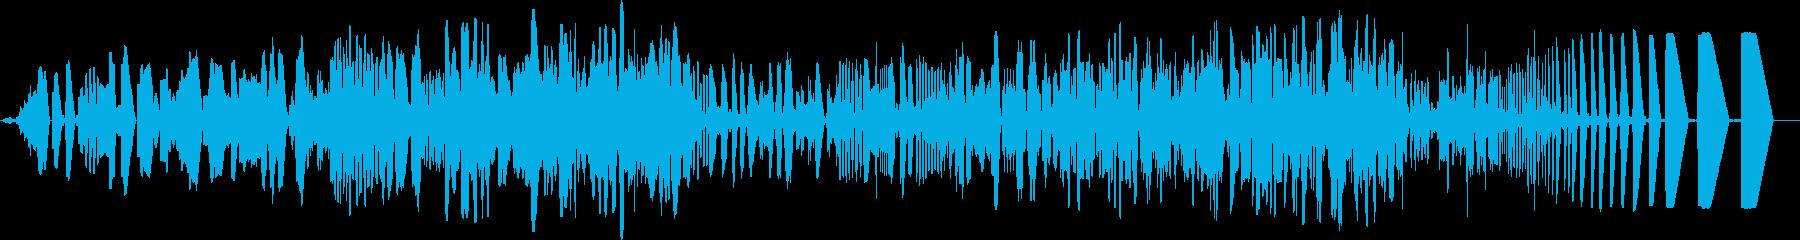 ドライトーンの電子データロールまた...の再生済みの波形